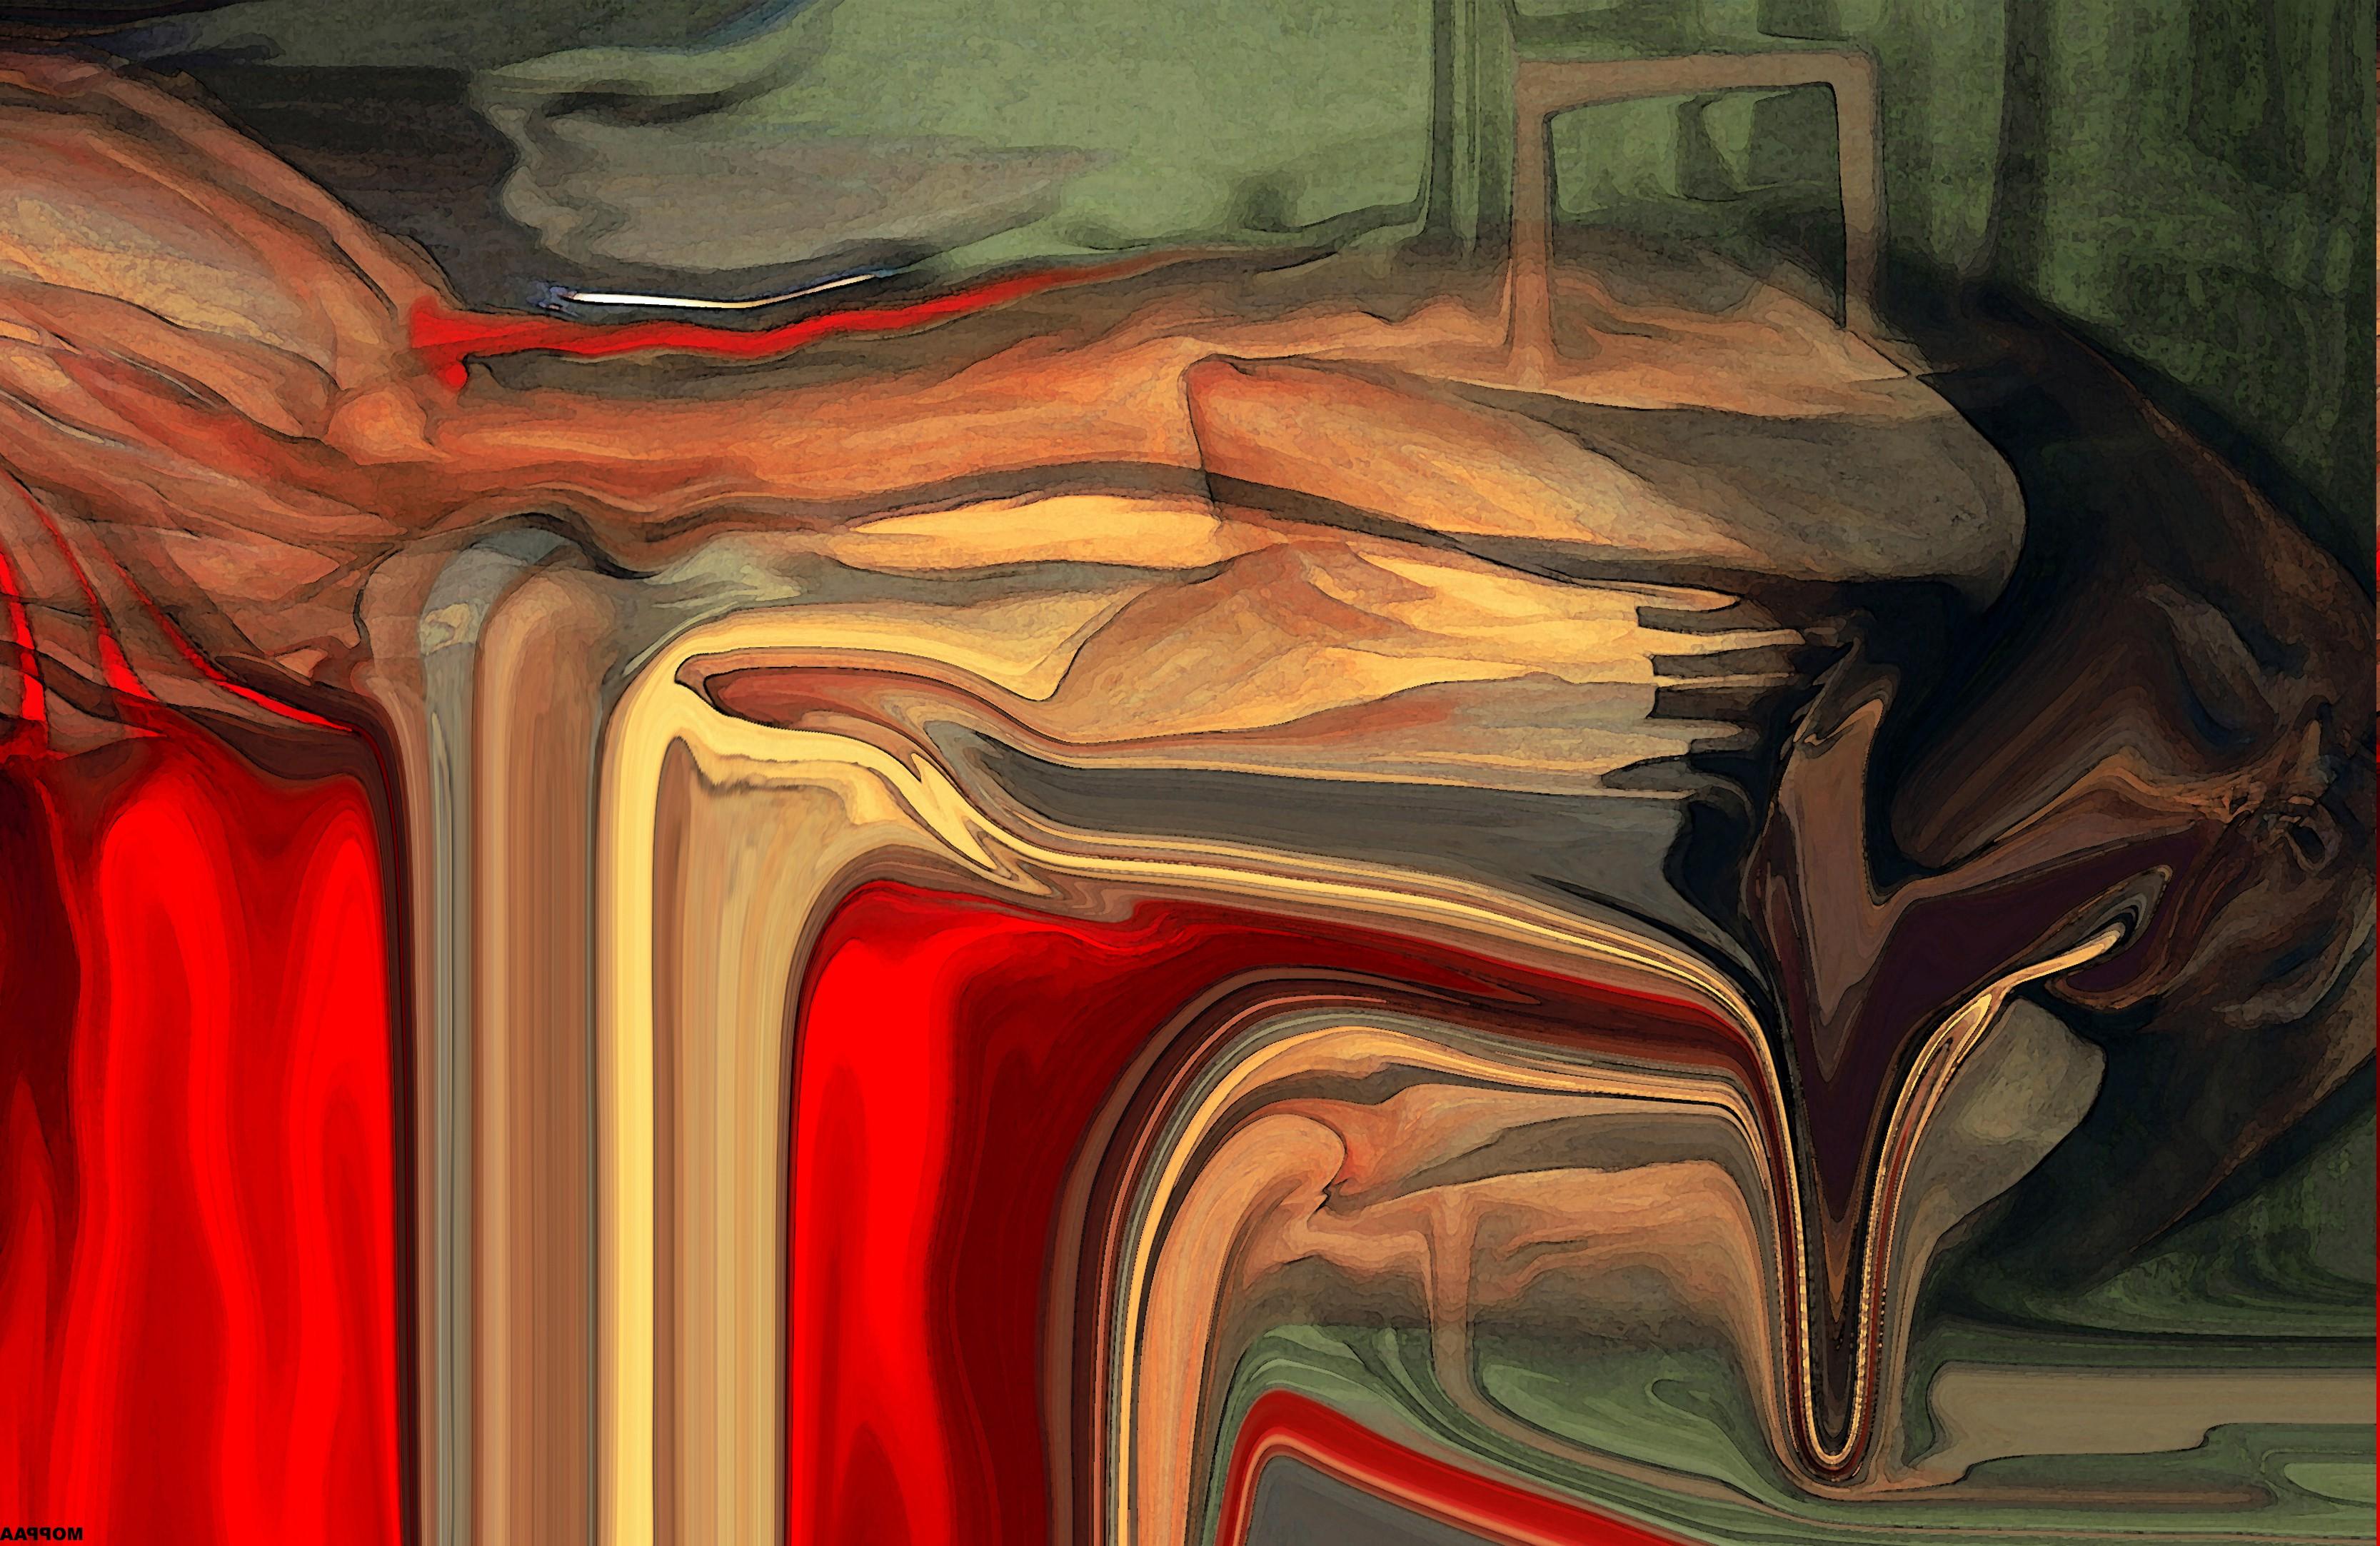 Außergewöhnlich Hintergrundbilder : Malerei, abstrakt, Kunstwerk, KUNST, Farbe &UA_43